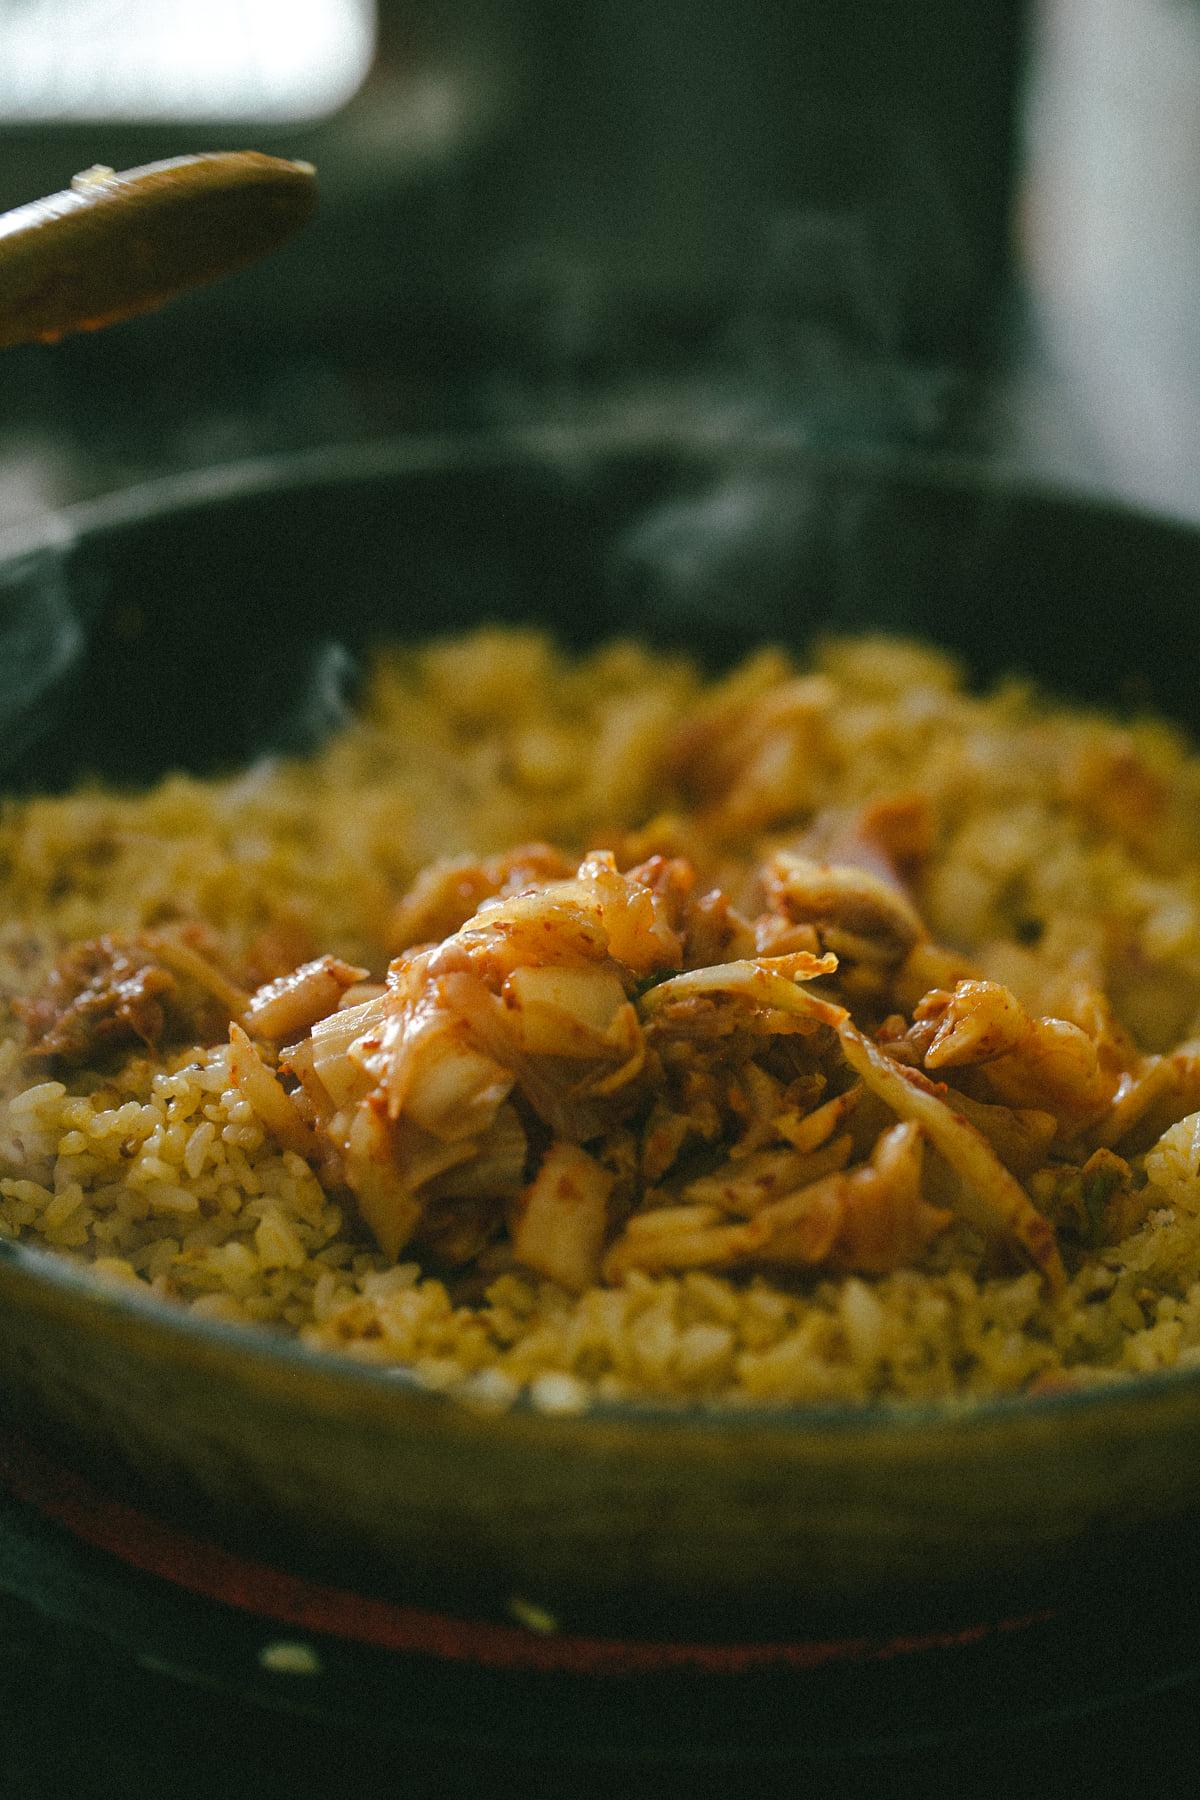 Fan mê mẩn ẩm thực Hàn Quốc thì phải ghé qua, làm và thưởng thức cơm rang kim chi nhanh thôi - Ảnh 3